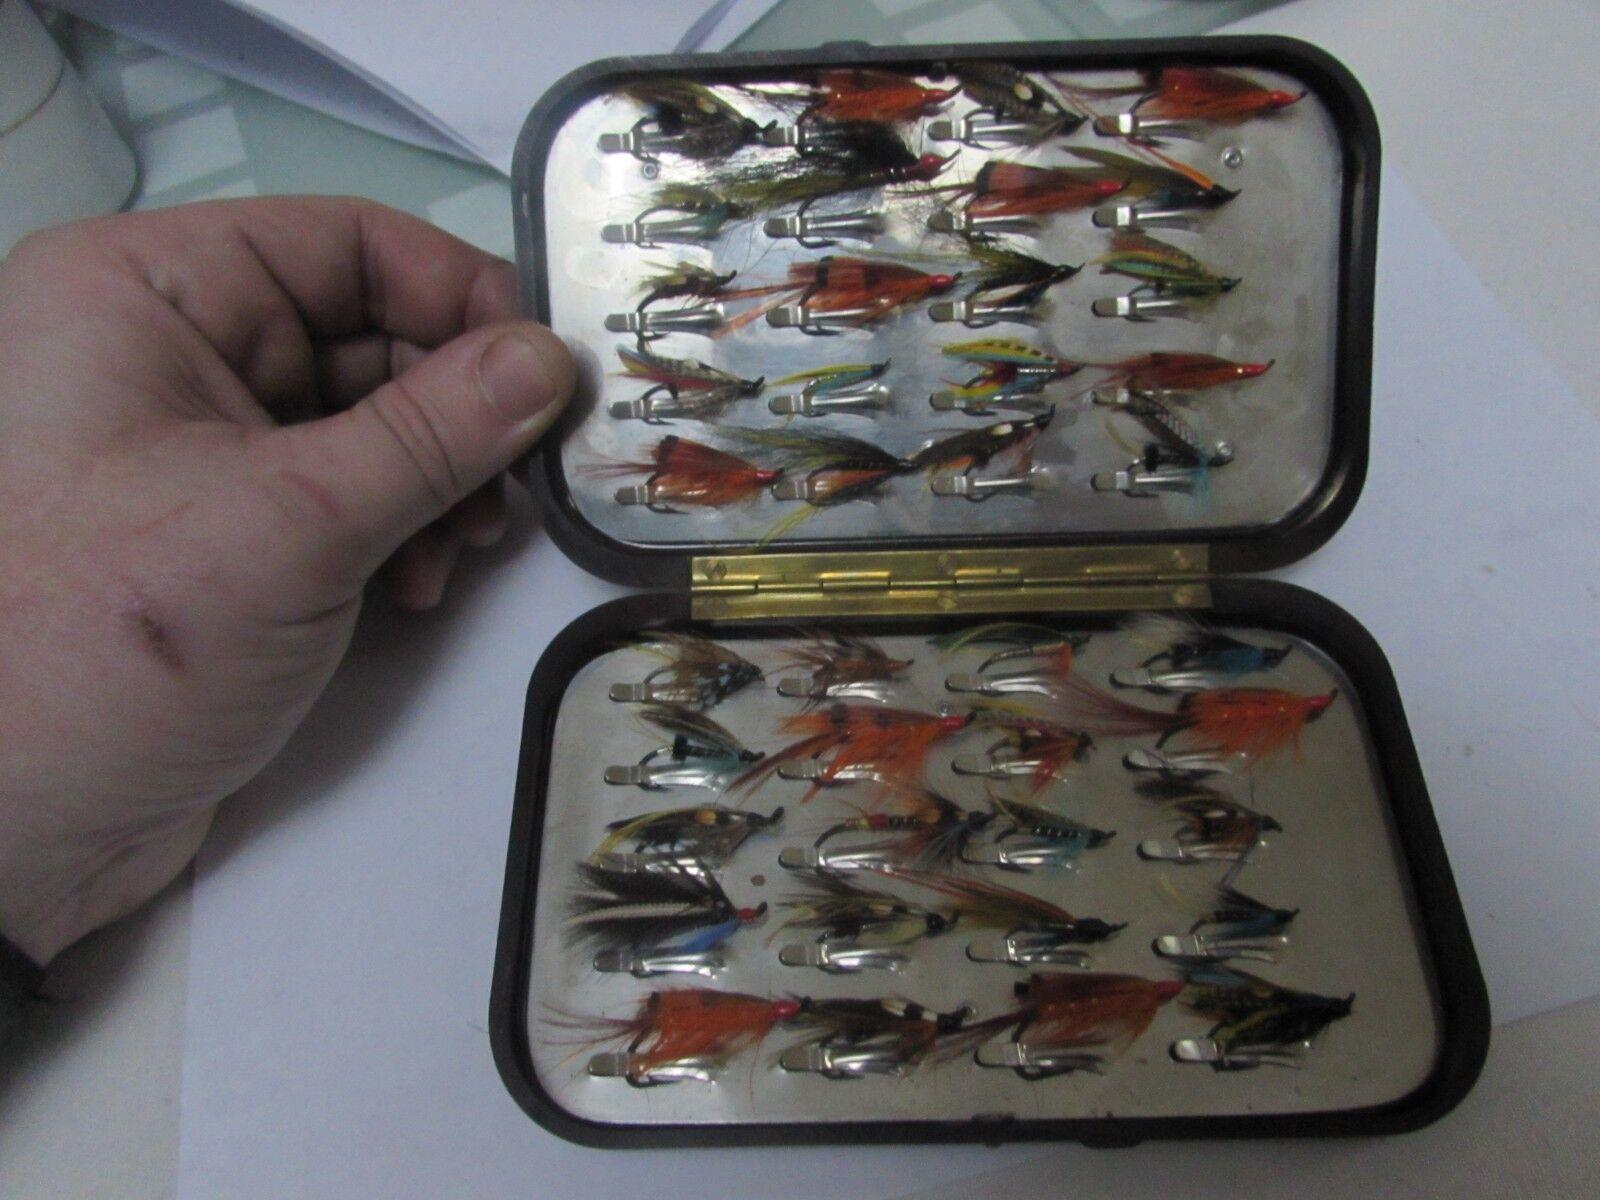 Excelente Vintage Hardy Alnwick Alnwick Alnwick grandes rojizo negroda Caja De Pesca Con Mosca + moscas.. 48dc05